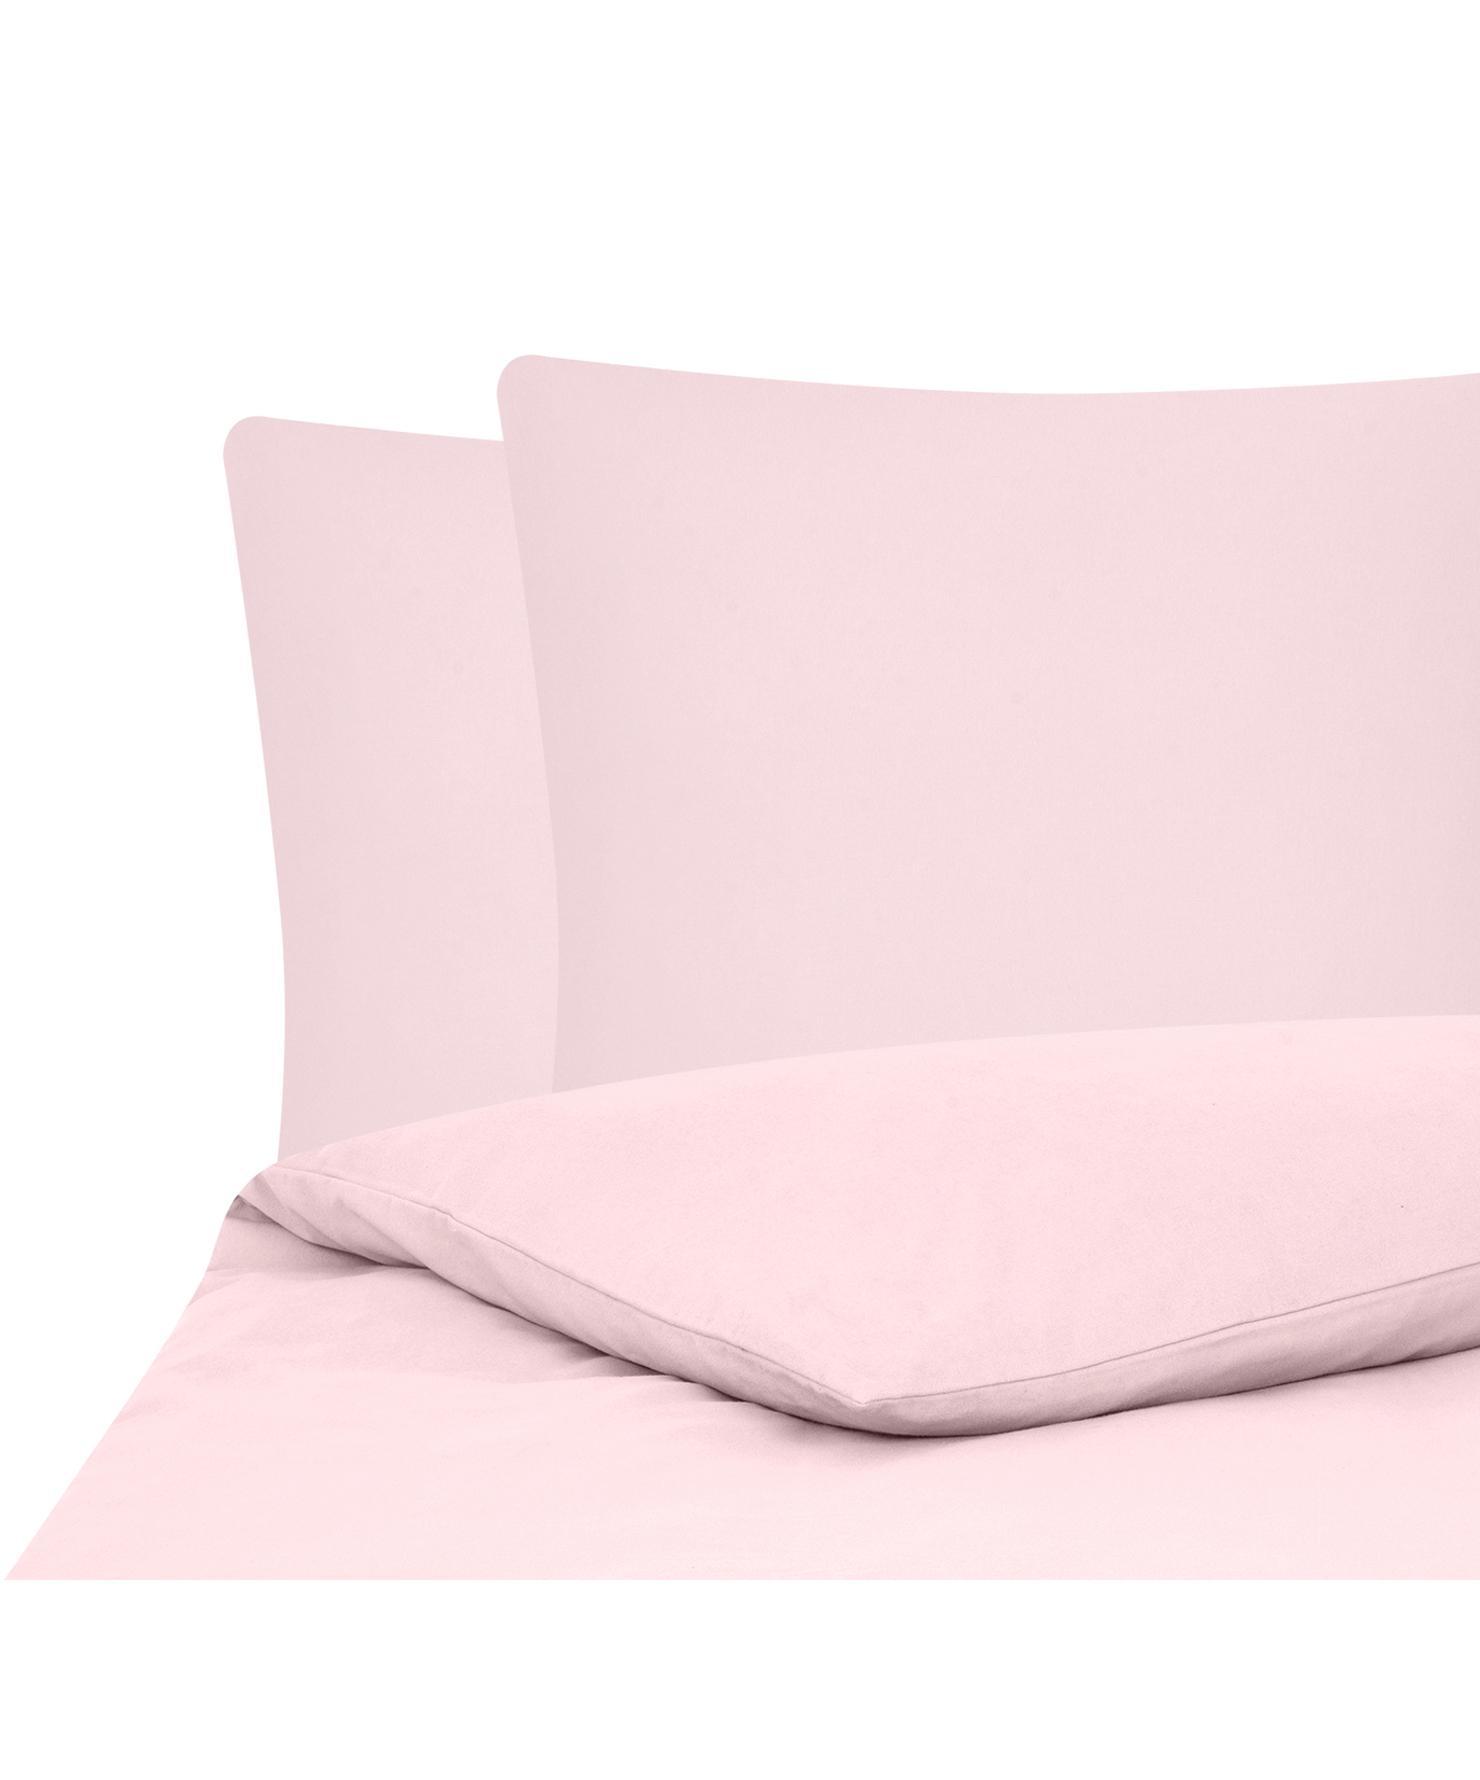 Flanell-Bettwäsche Biba in Rosa, Webart: Flanell Flanell ist ein s, Rosa, 240 x 220 cm + 2 Kissen 80 x 80 cm